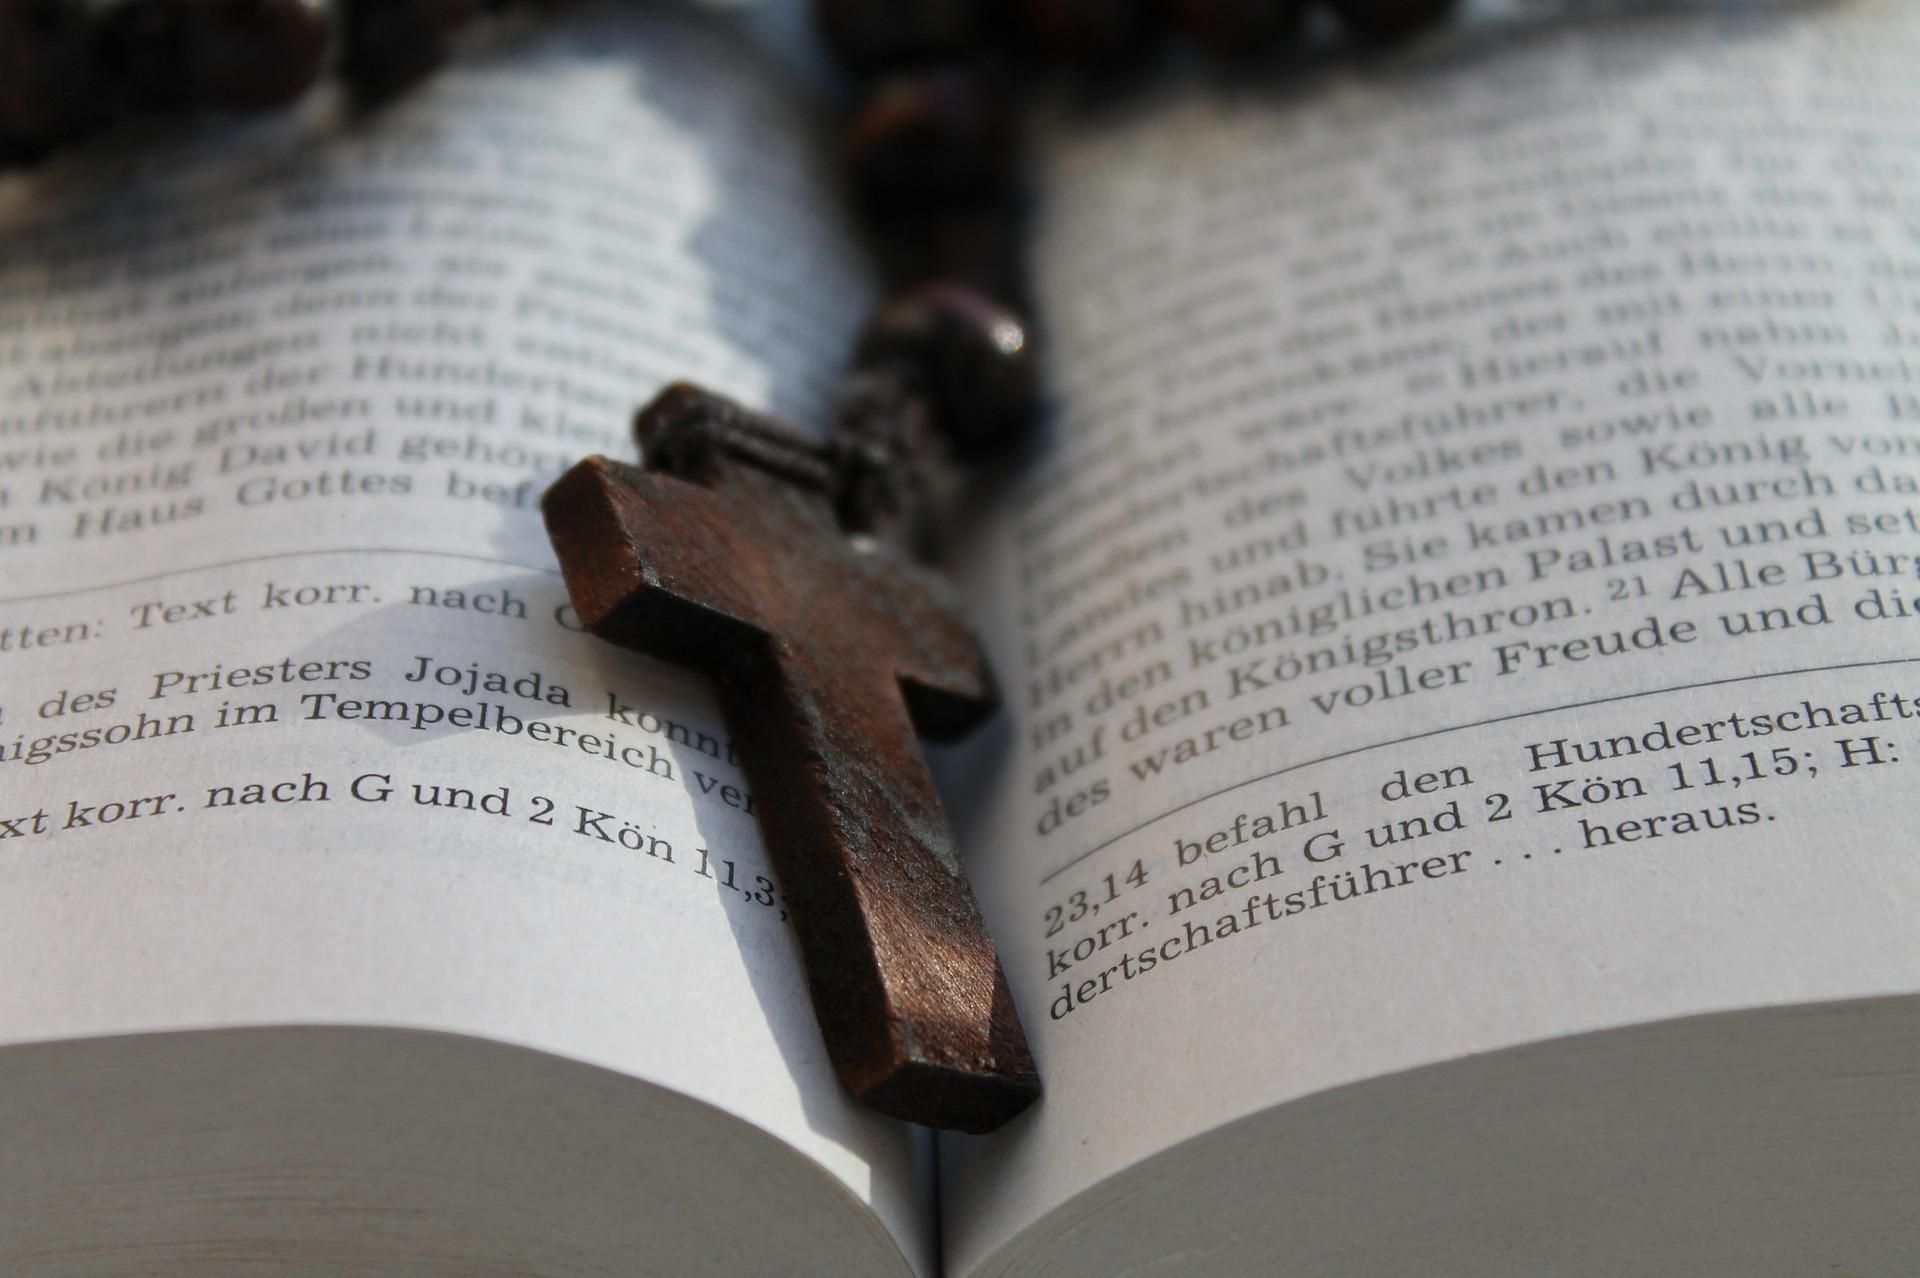 Kreuz in Bibel